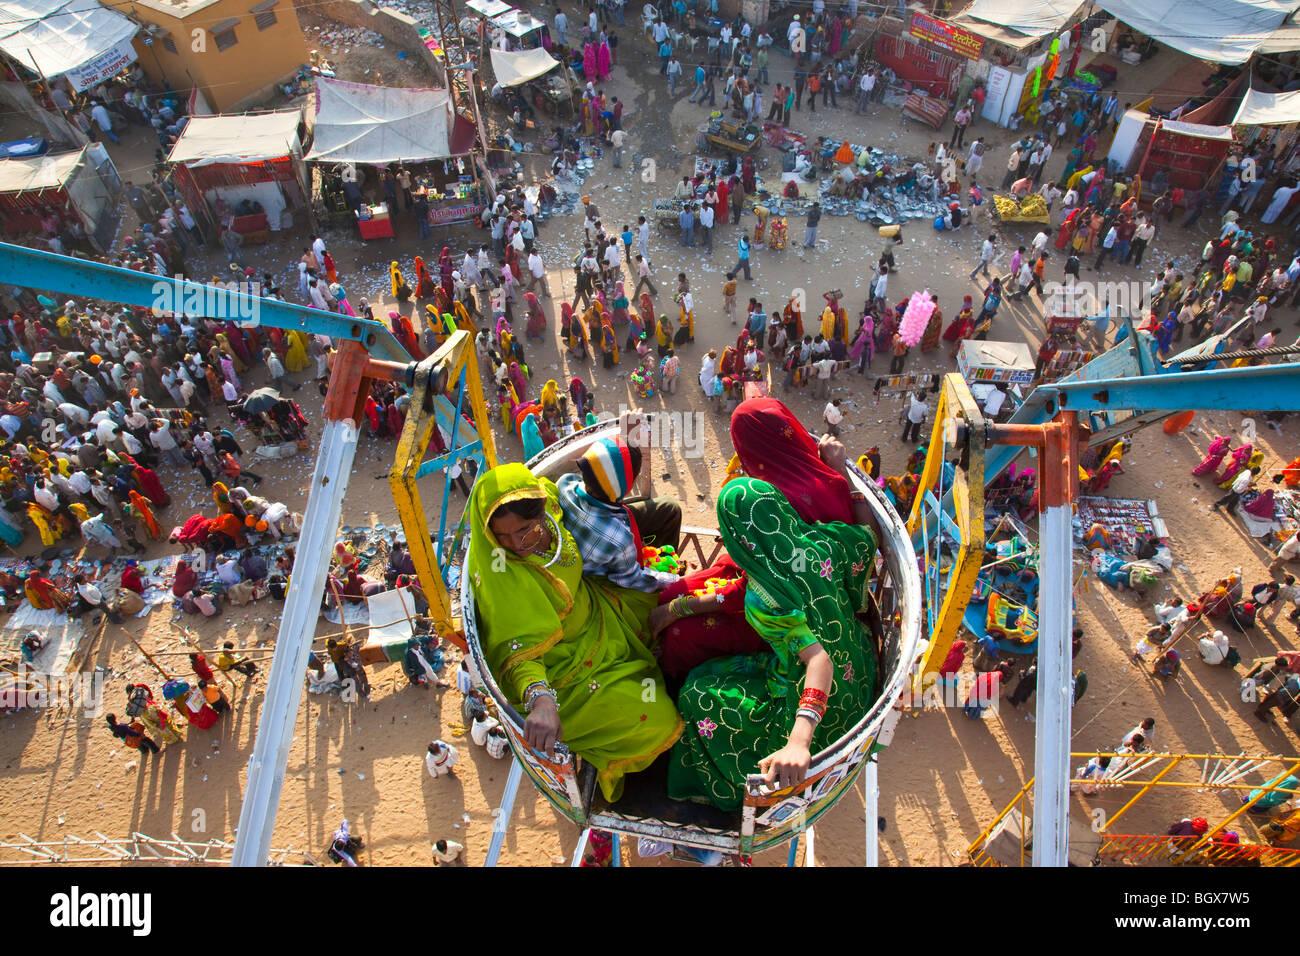 Feria de camellos en Pushkar India Imagen De Stock